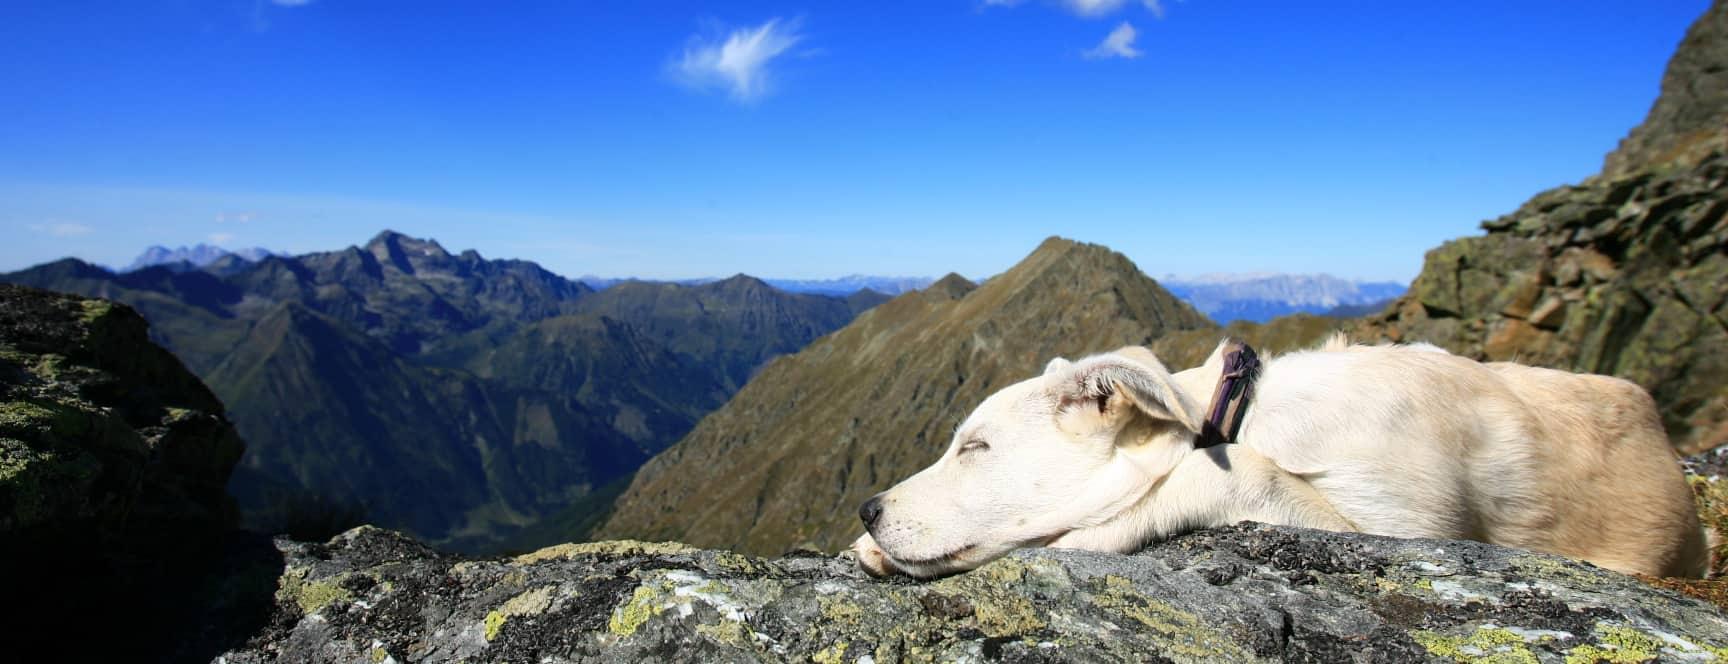 Prediktstuhl Semester i Österrike med hund